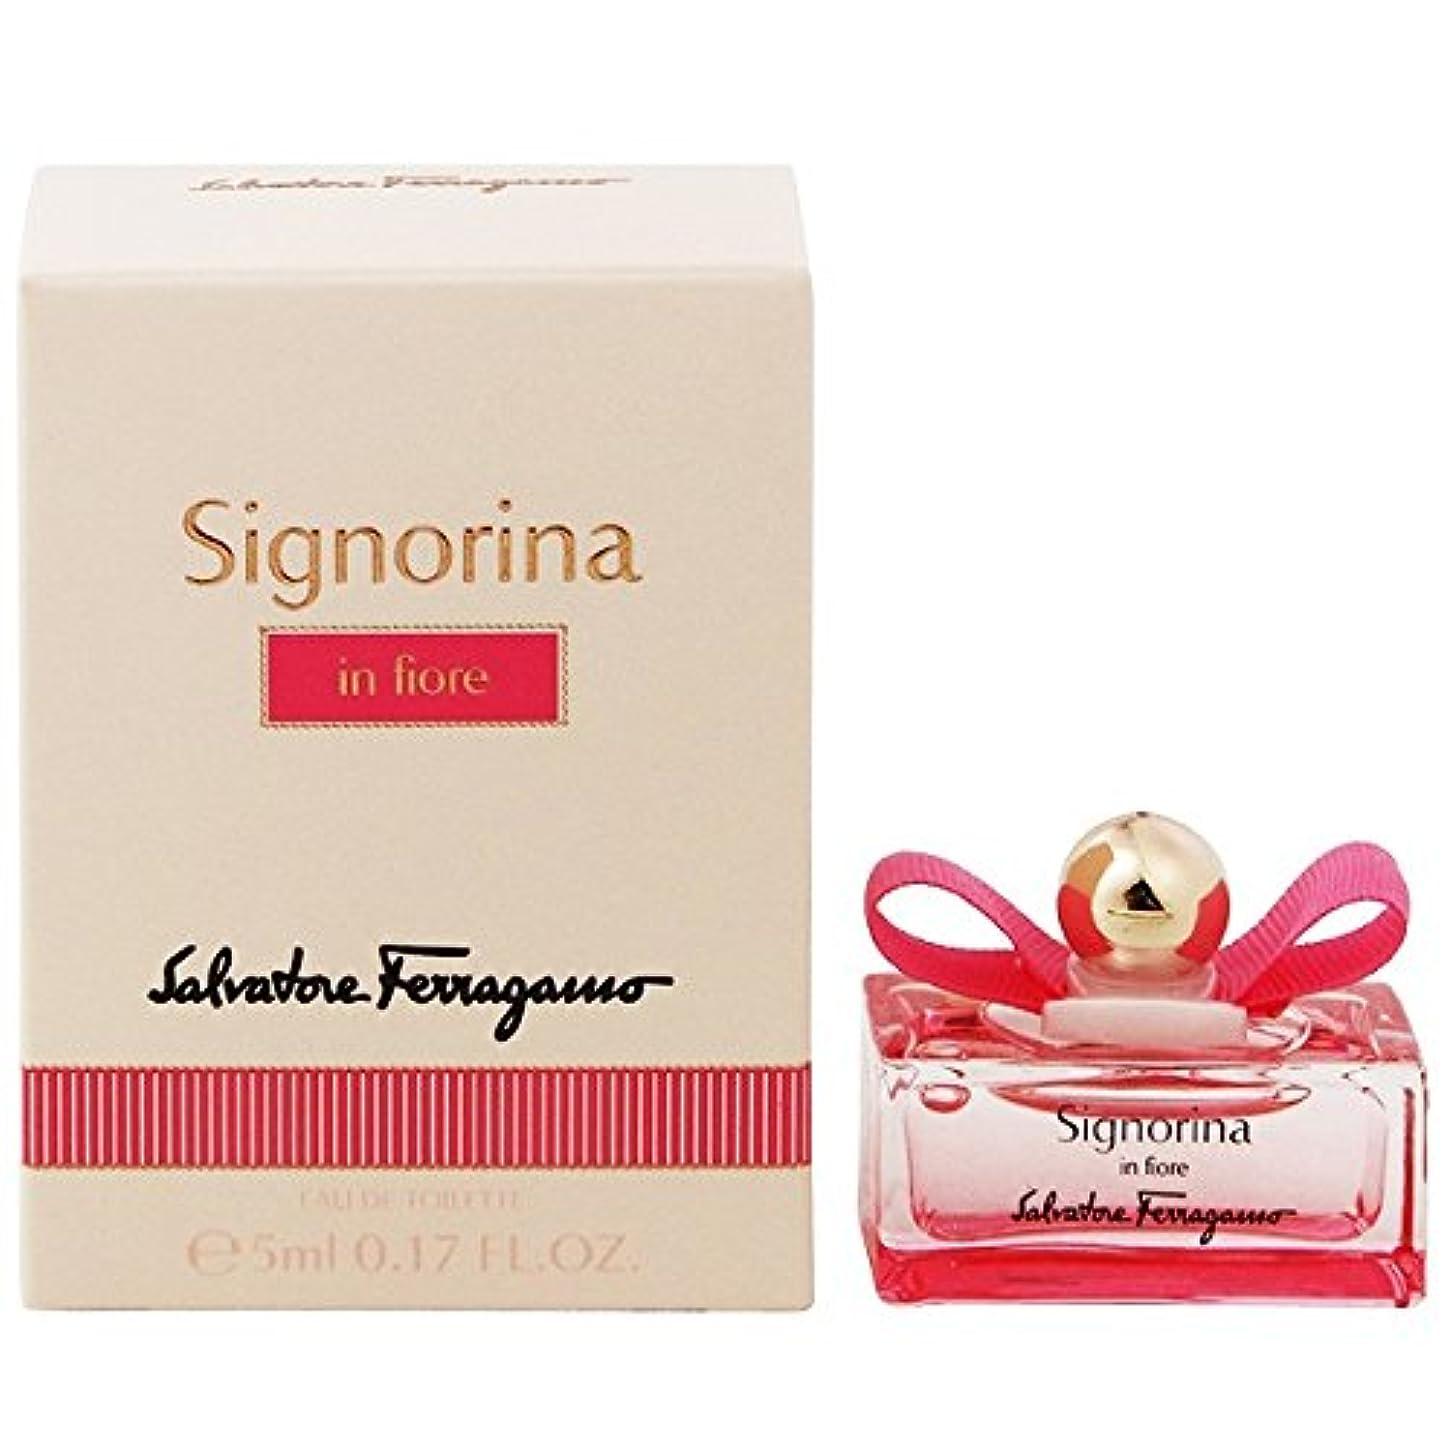 教育する頑張る暖かさサルヴァトーレ フェラガモ シニョリーナ インフィオーレ EDT 5ml ミニ香水